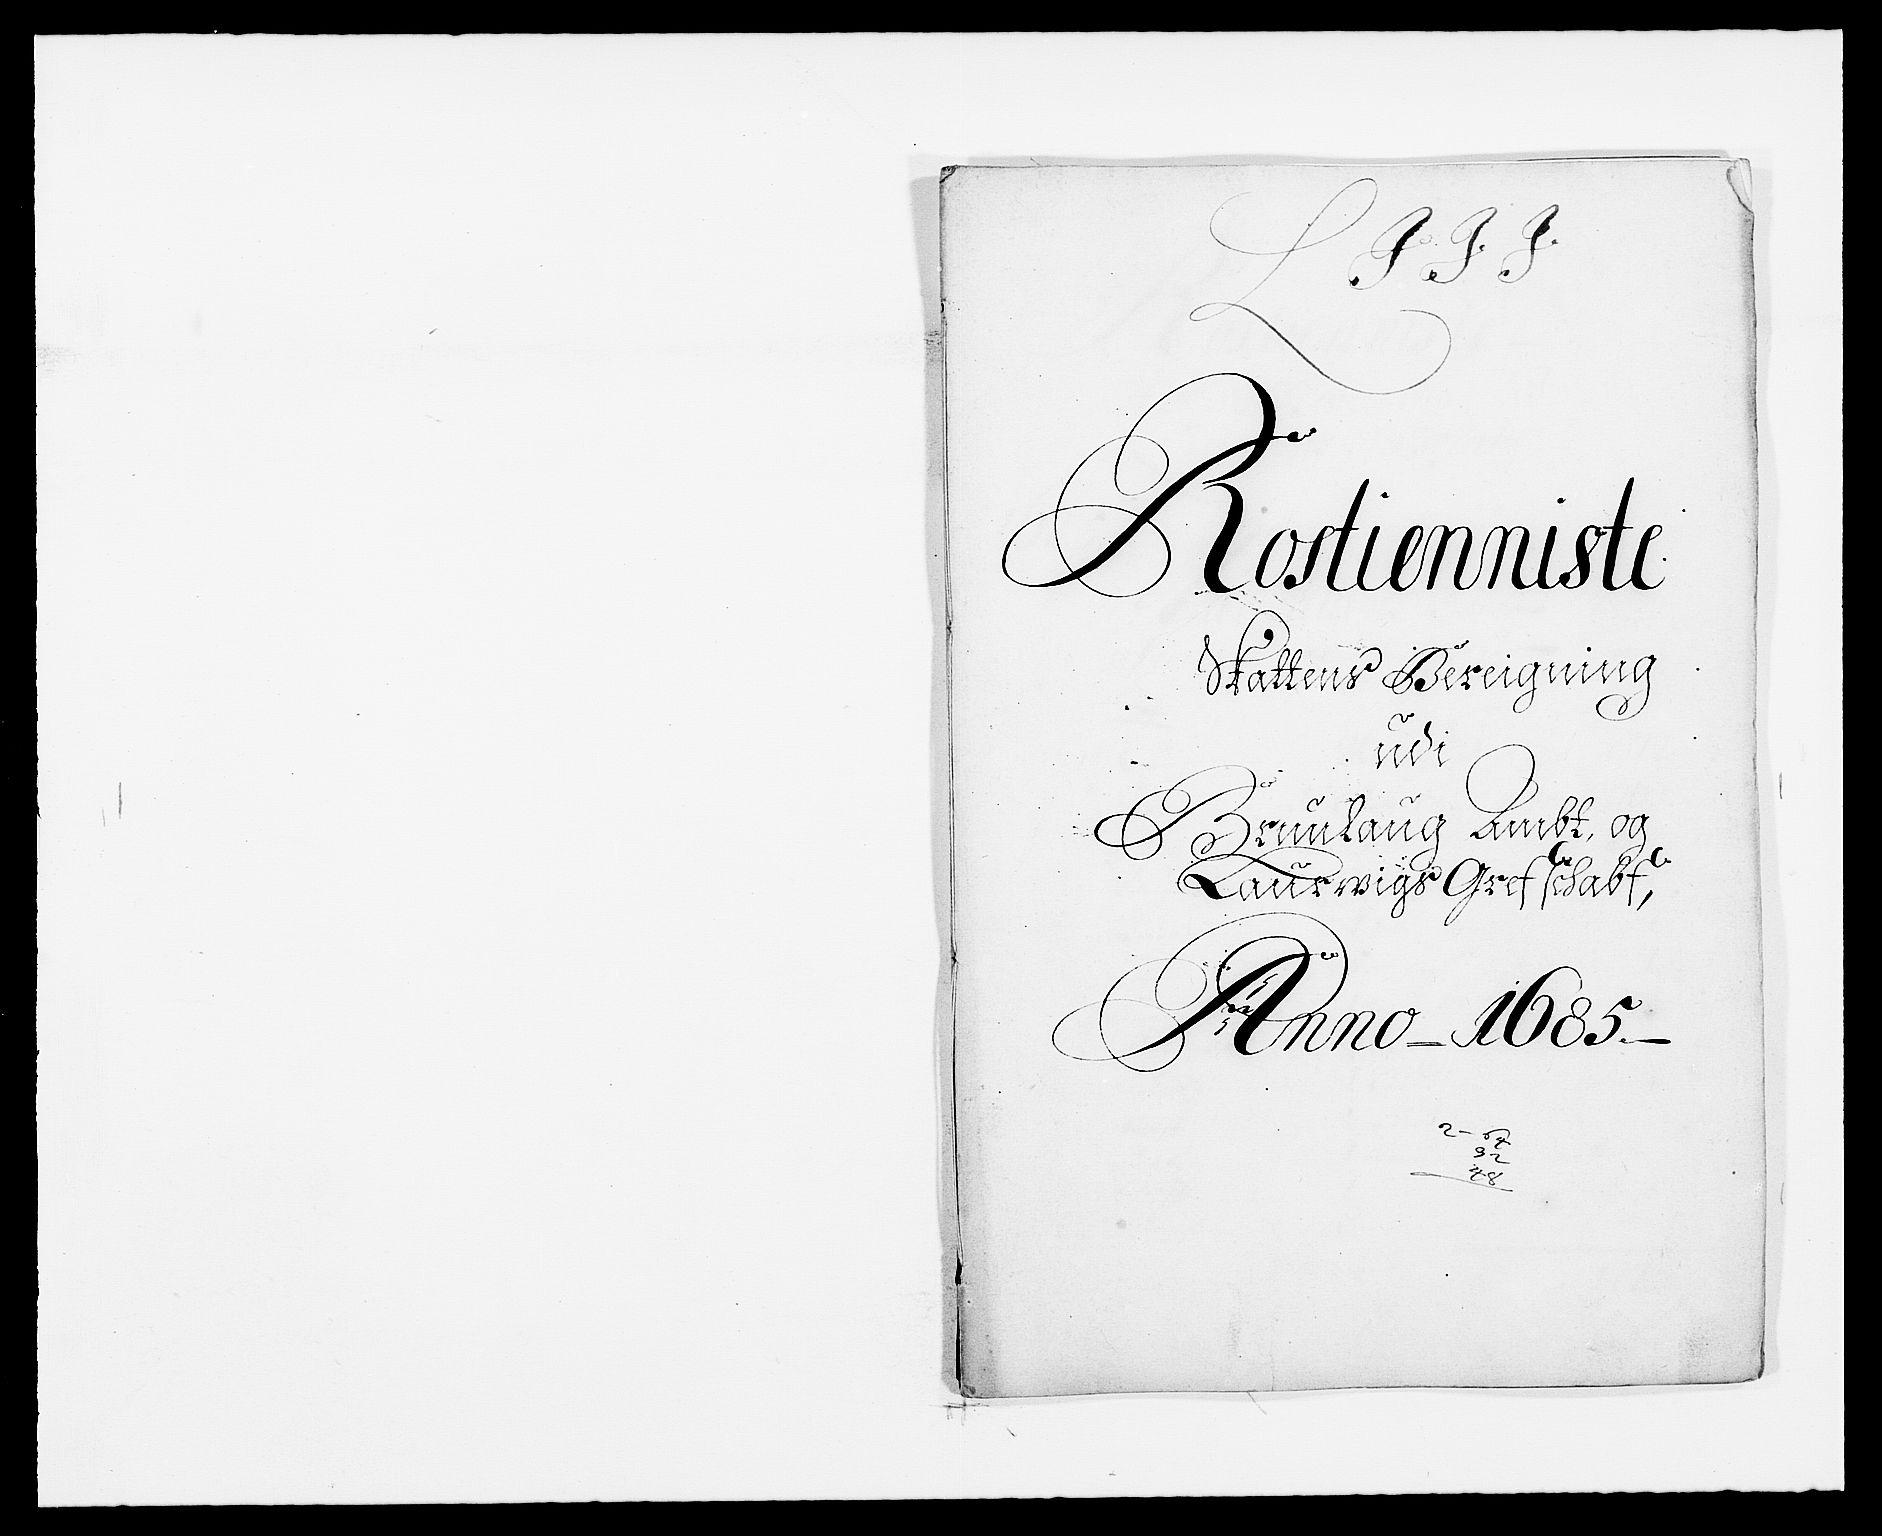 RA, Rentekammeret inntil 1814, Reviderte regnskaper, Fogderegnskap, R33/L1970: Fogderegnskap Larvik grevskap, 1675-1687, s. 111